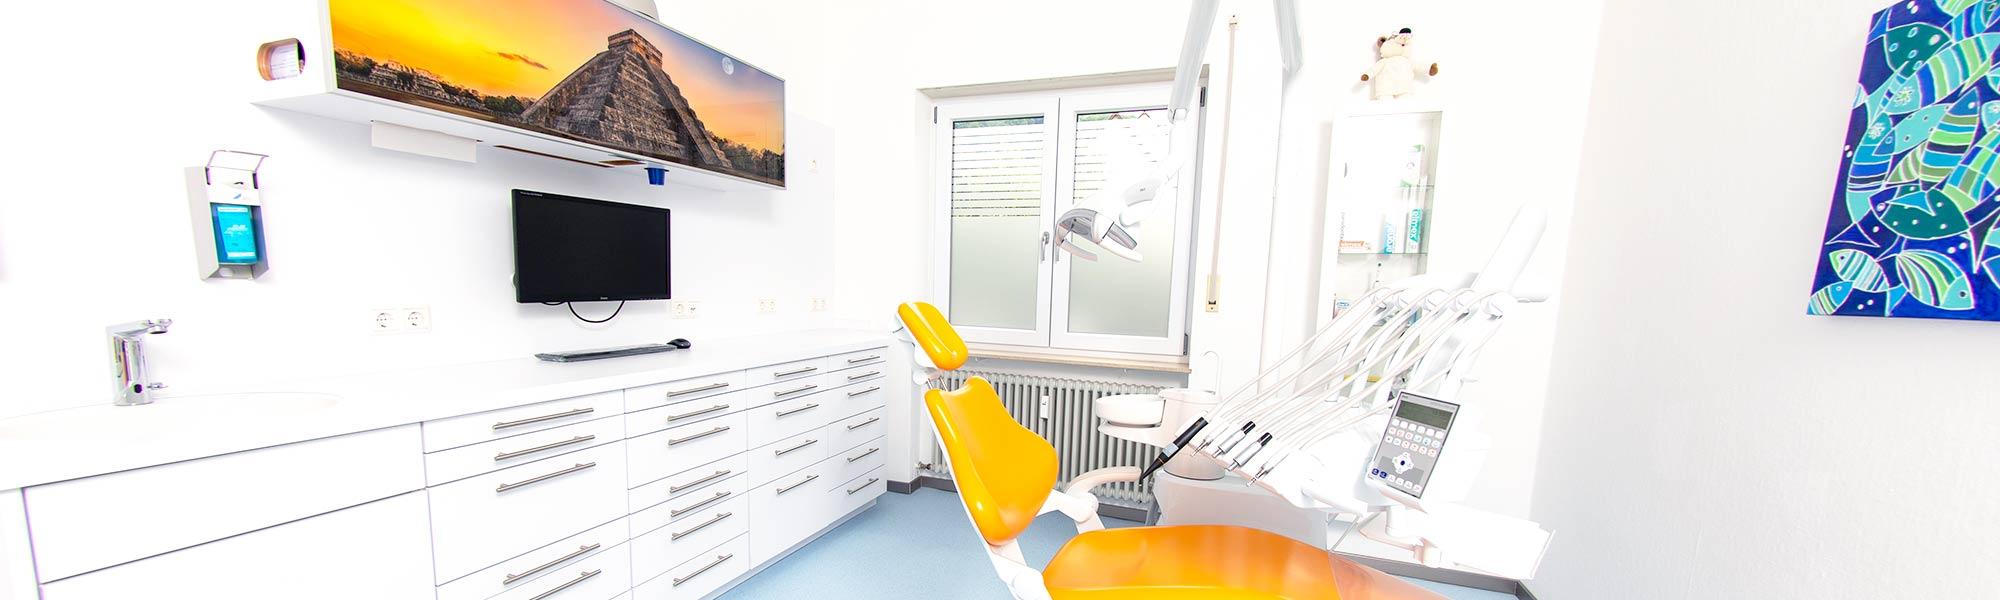 Einblicke ins Behandlungszimmer von Dr. Gallenbach, Zahnarzt in Eberbach.